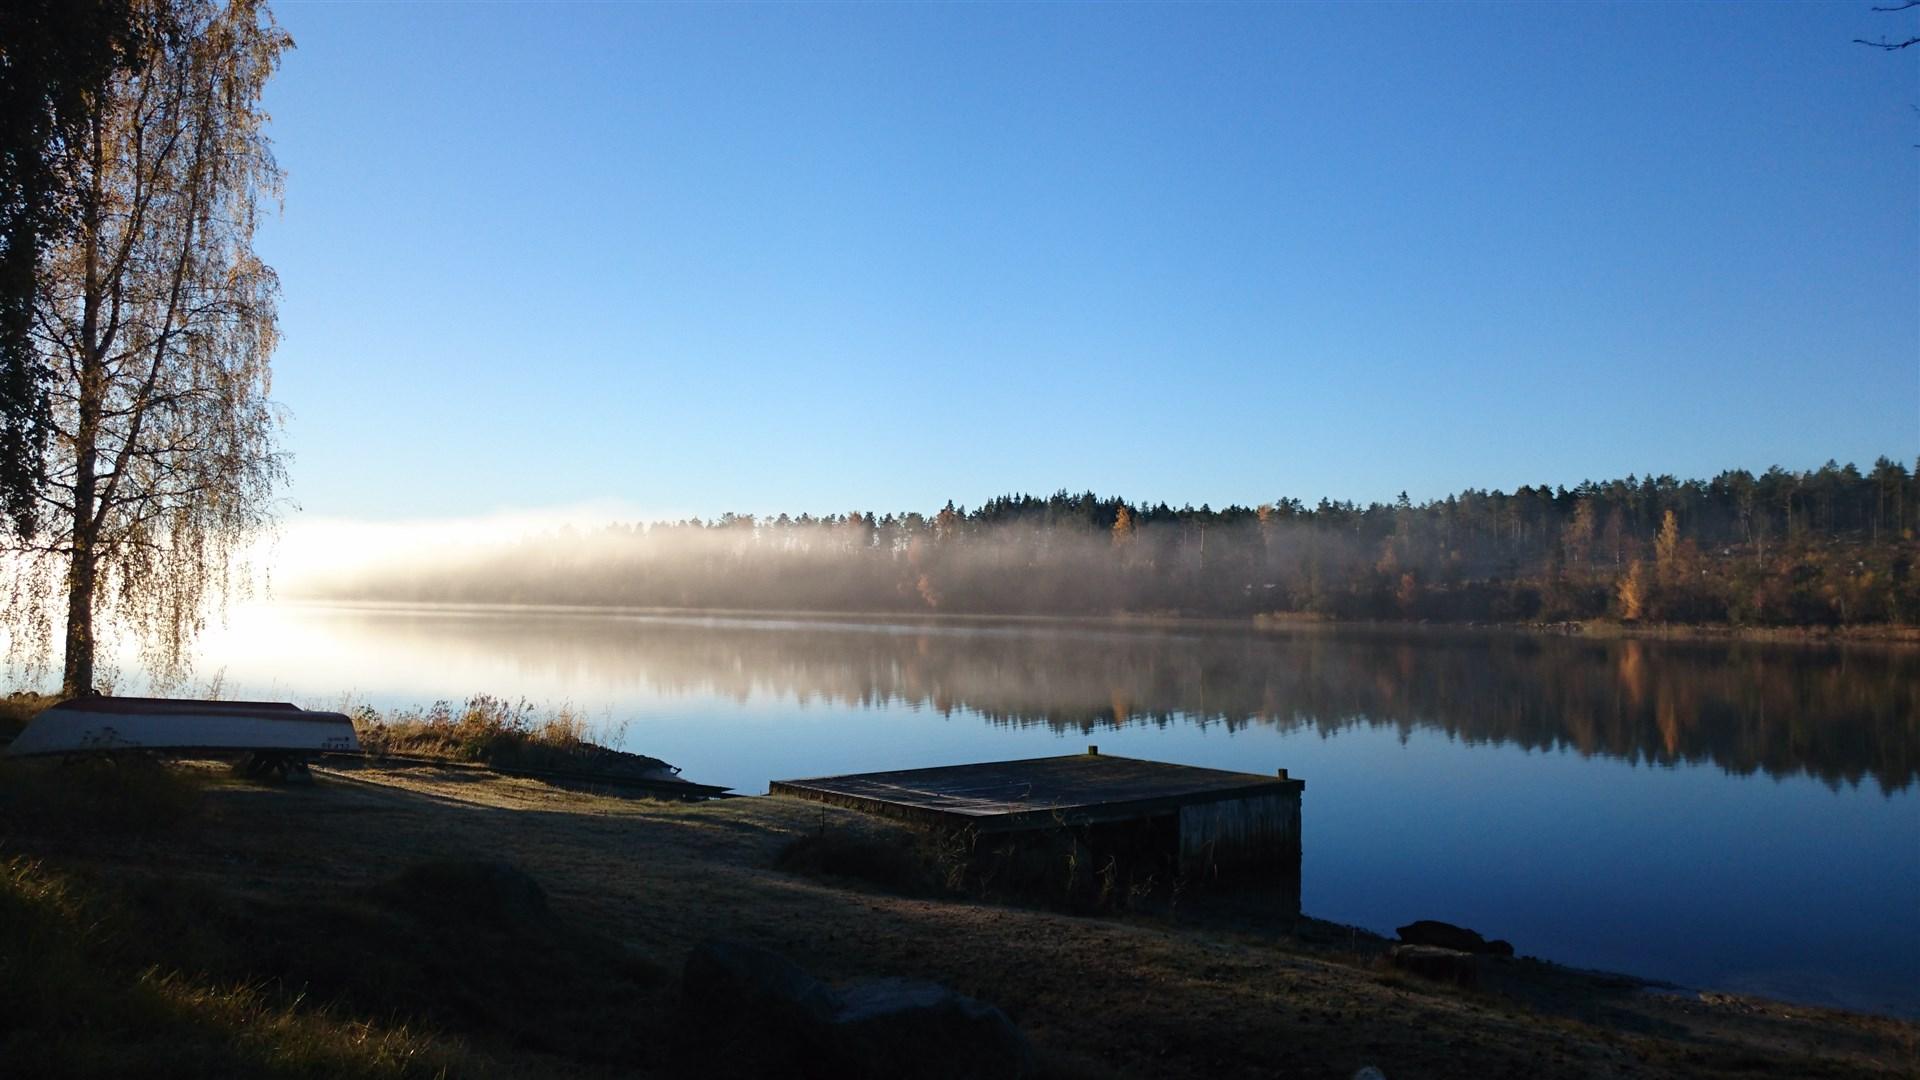 Tidig morgon i Hagafjärden - säljarens egna bild